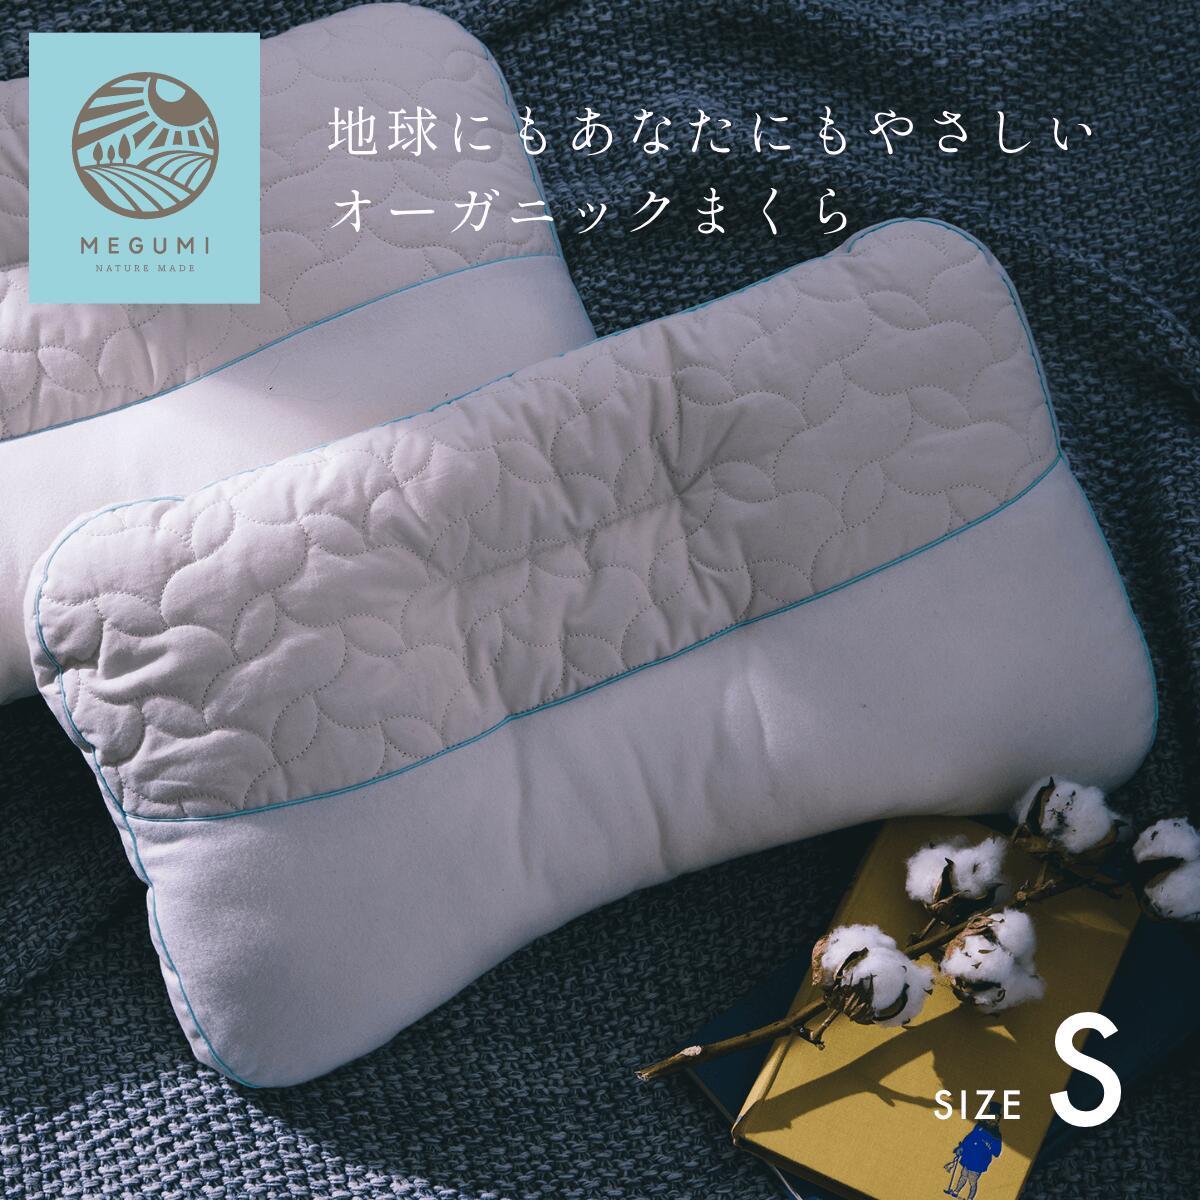 枕・抱き枕, 枕 81P11 MEGUMI 30x50